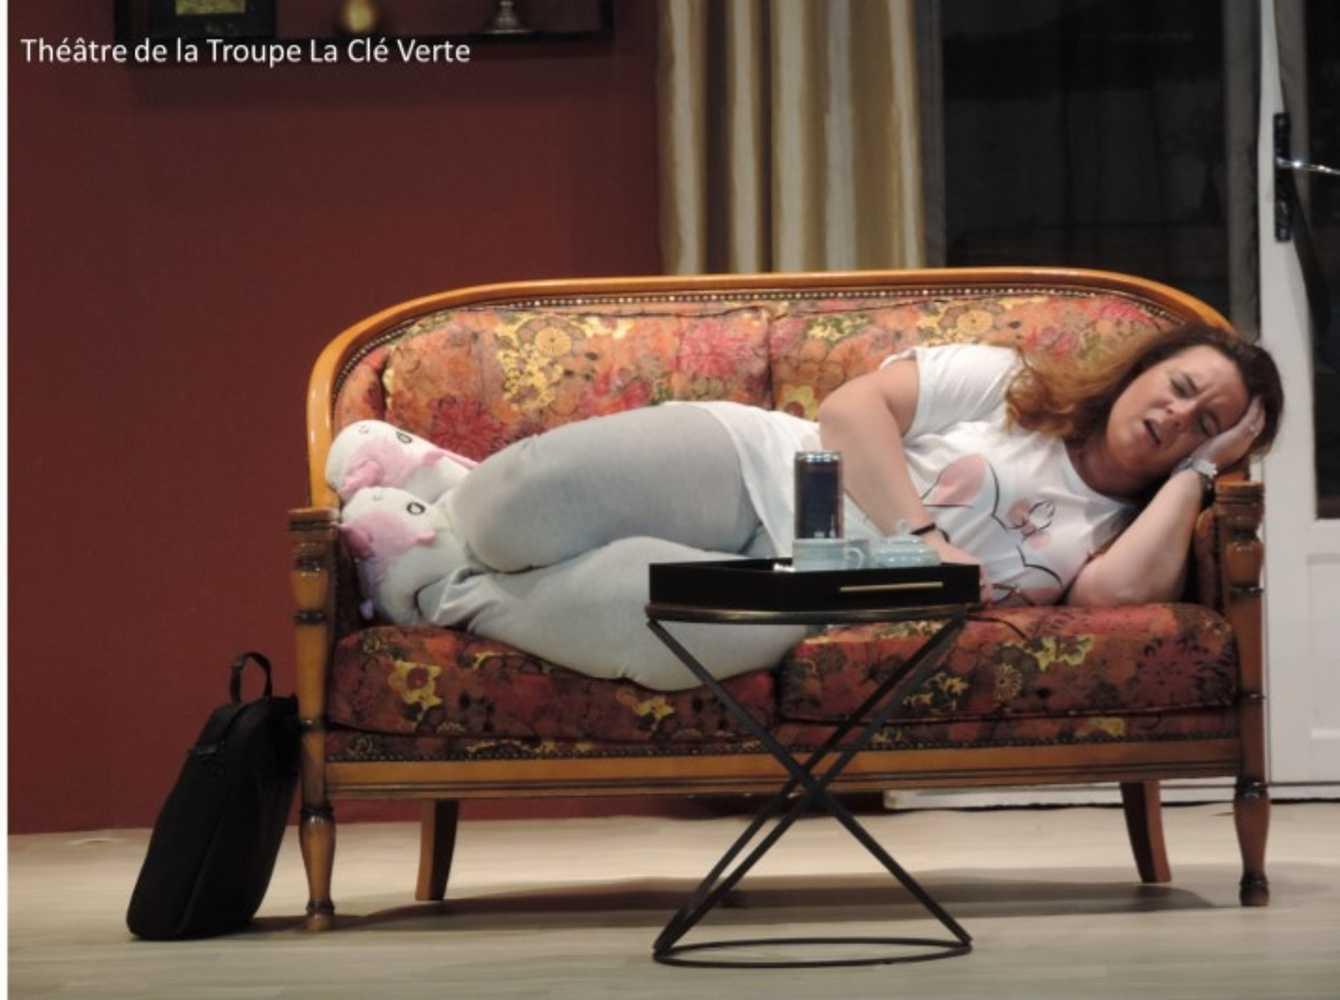 Troupe de théâtre la Clé Verte : photos des représentations image4